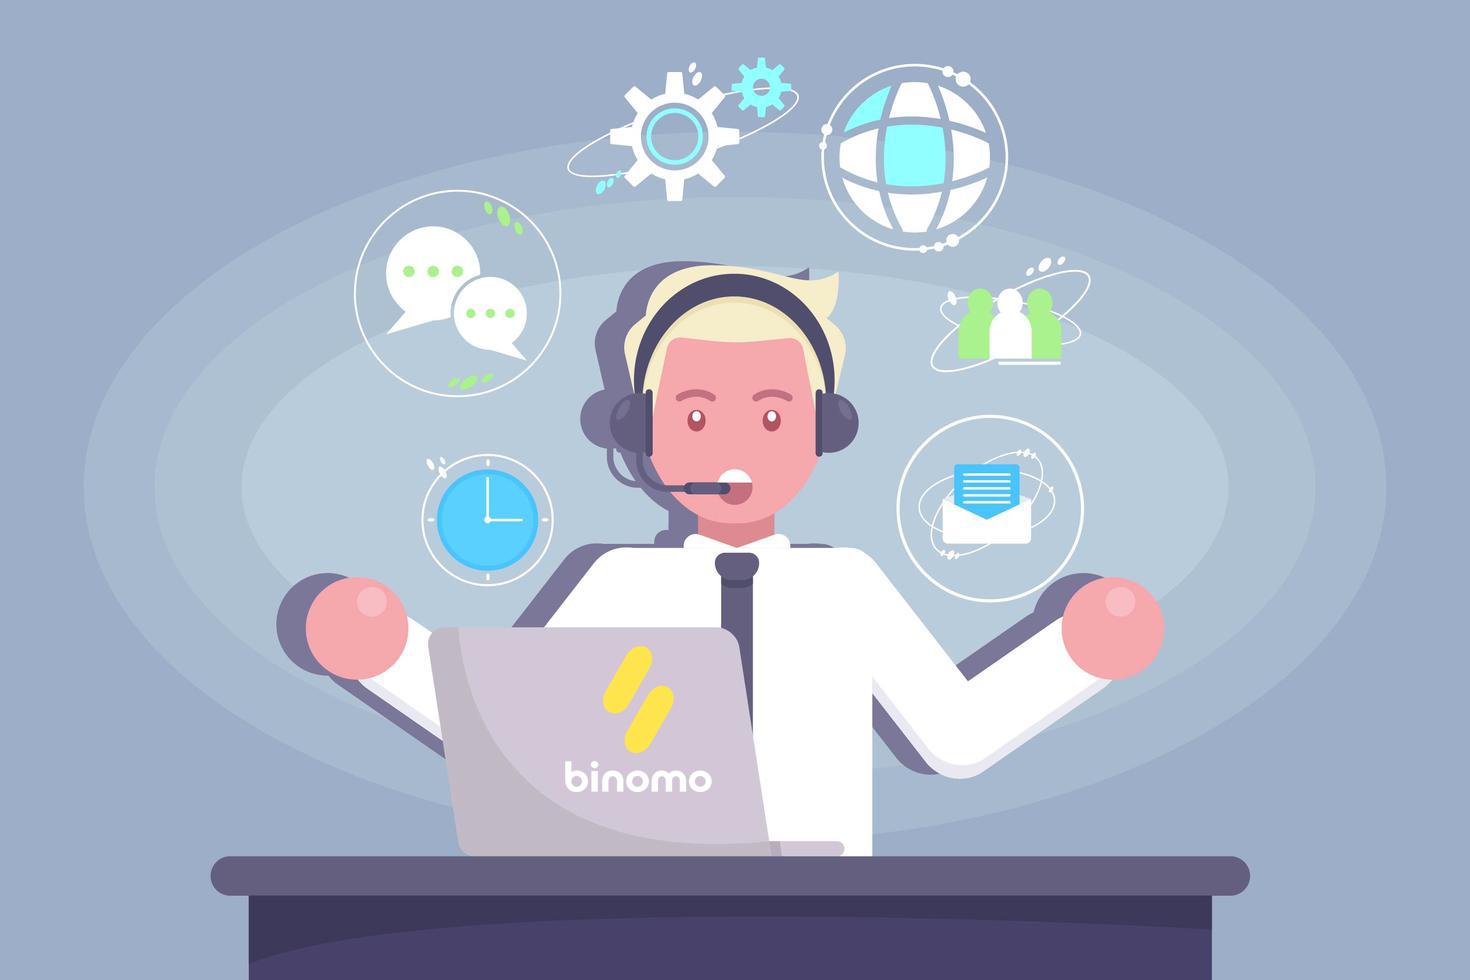 Binomo سپورٹ سے کیسے رابطہ کریں۔